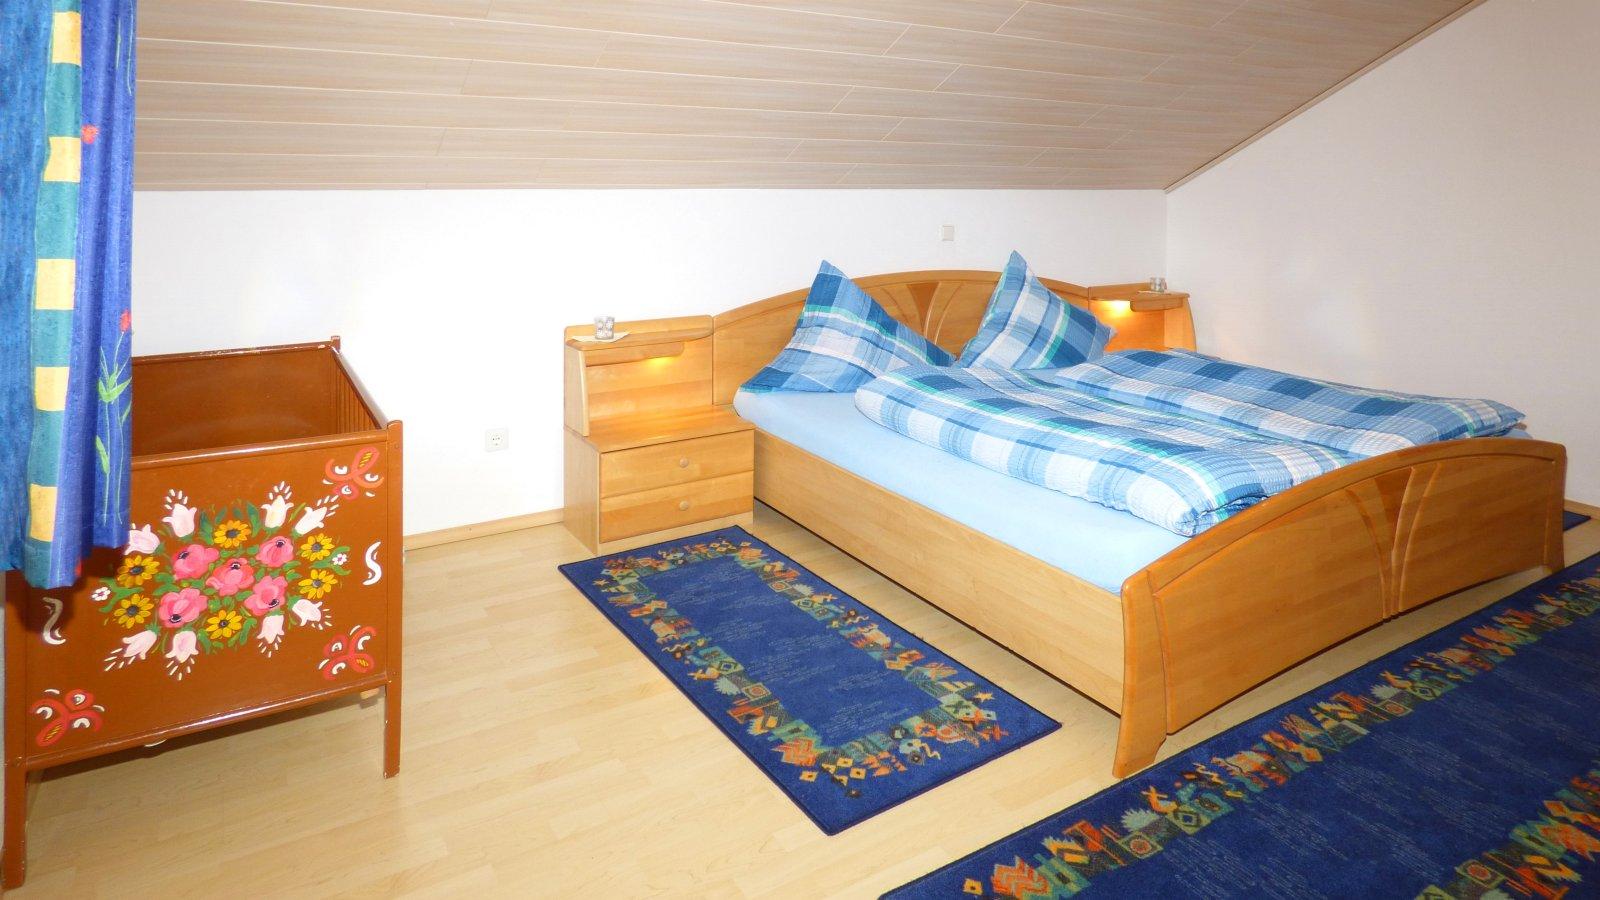 ferienwohnungen-zandt-ferienhaus-schlafzimmer-kinderbett-1600